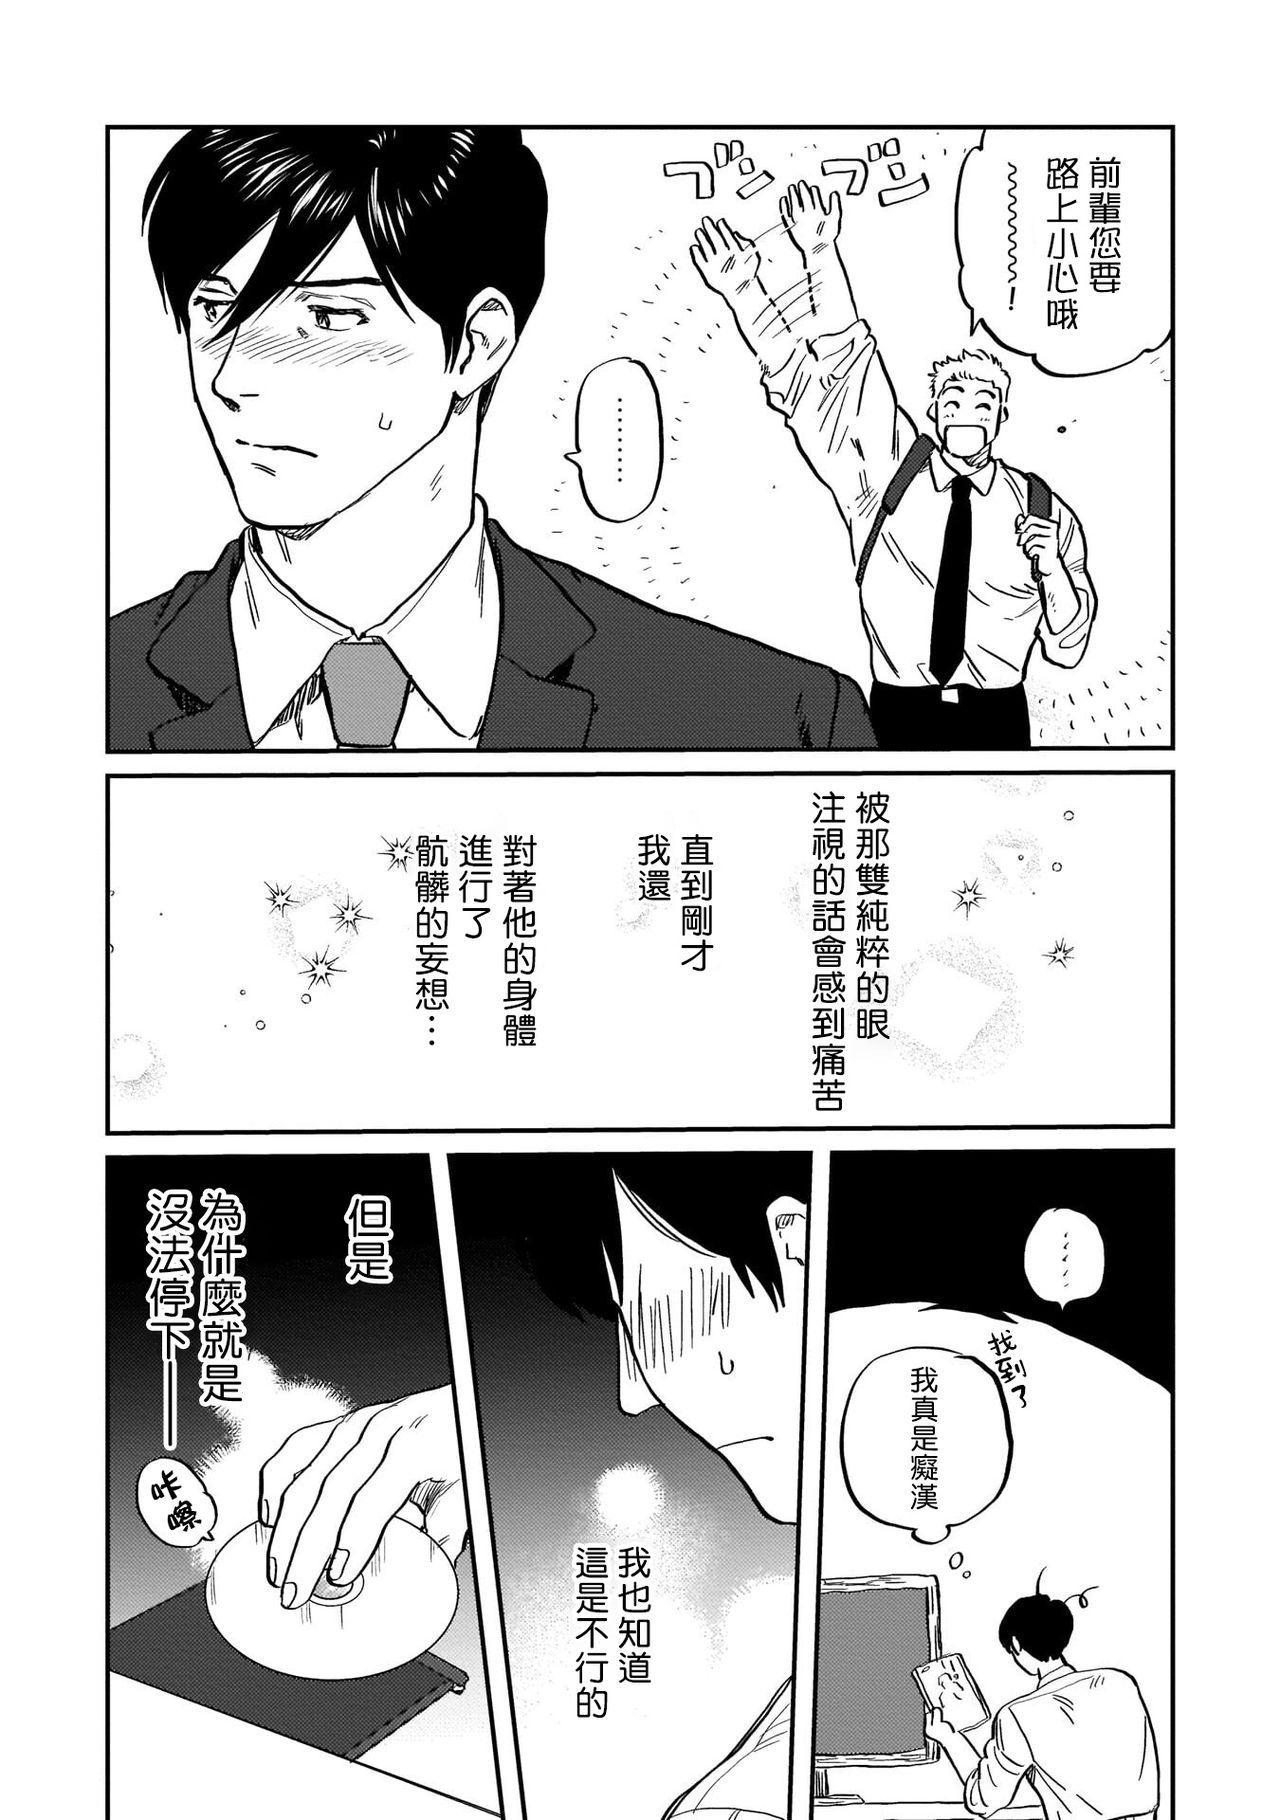 Kouhai no Oppai ga Suki Sugiru | 我太喜欢后辈的奶子了 Ch. 1-2 54